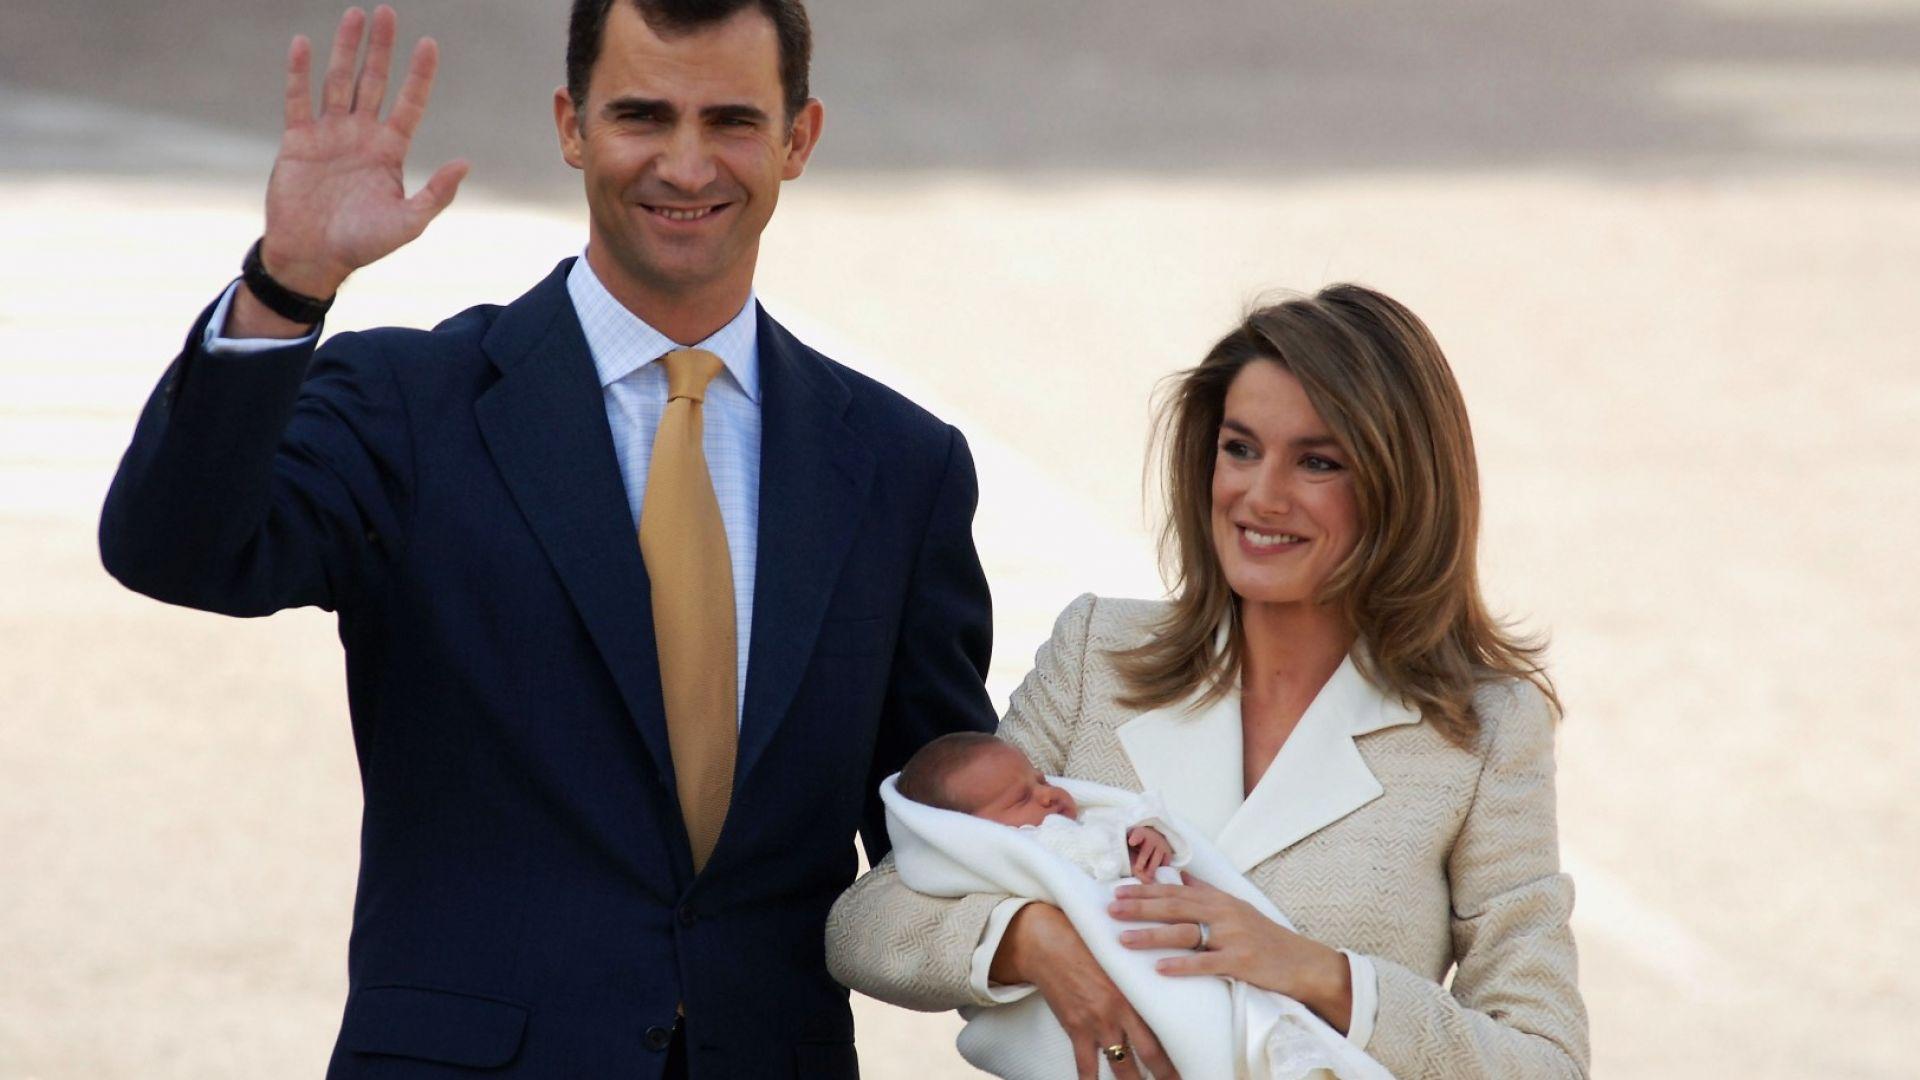 Испанският престолонаследник принц Фелипе (сега крал Фелипе VI) и принцеса Летисия (сега кралица Летисия) с новородената си дъщеря Леонор - 7 ноември 2005